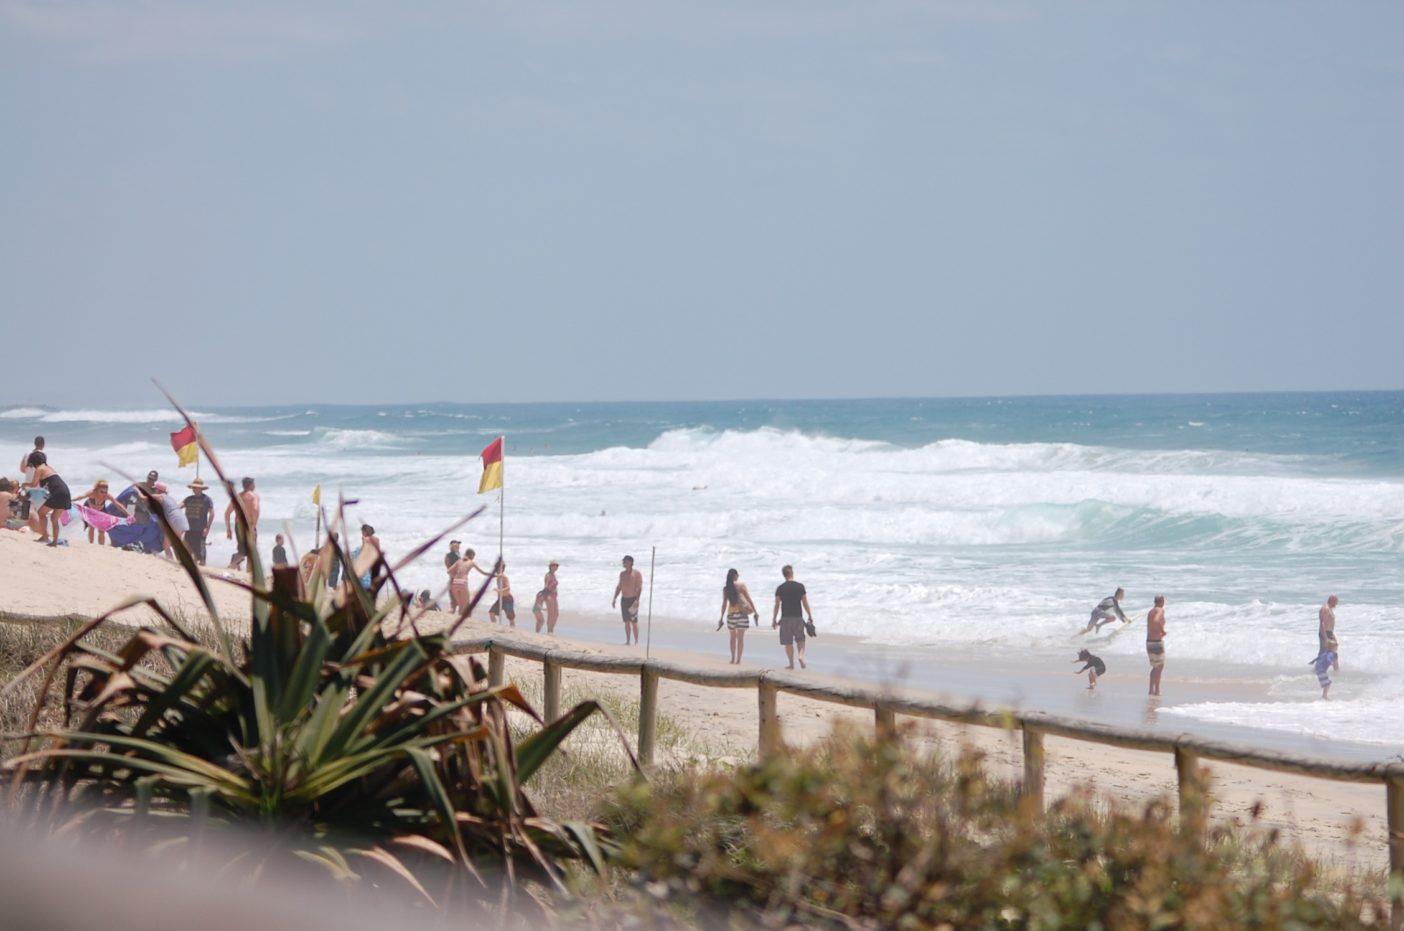 きれいな海や広大な景色によって、海岸に住んでいる人や遠くから来る観光客で、海は人で埋め尽くされている。写真:進士剛光